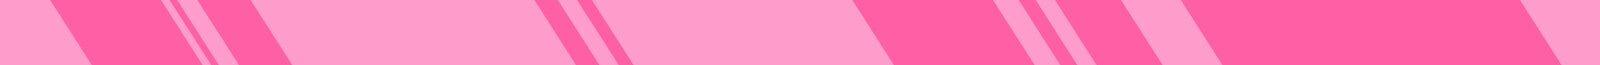 Różowy faborek, międzynarodowy symbol nowotwór piersi świadomość Obrazy Royalty Free